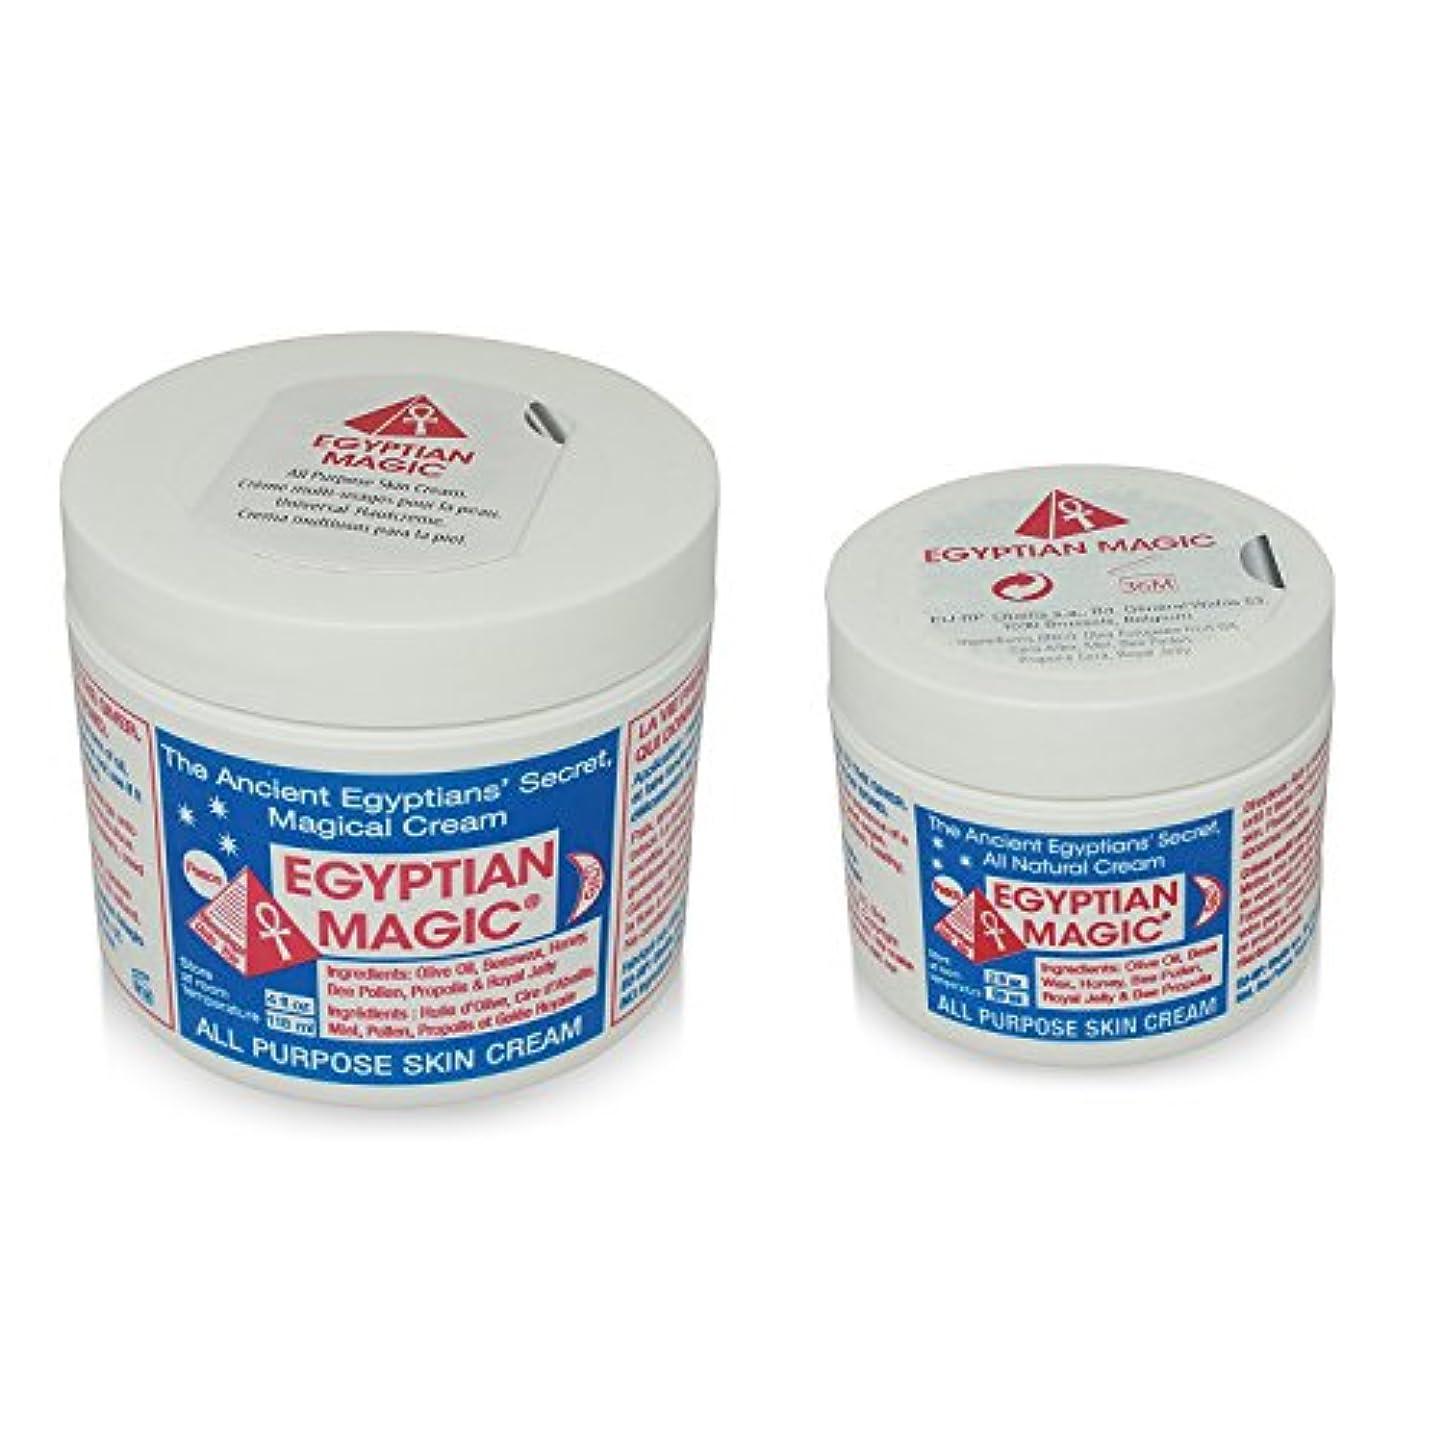 銛リークメガロポリスEgyptian Magic Skin Cream エジプシャンマジッククリーム  (118ml)と(59ml)の2個セット